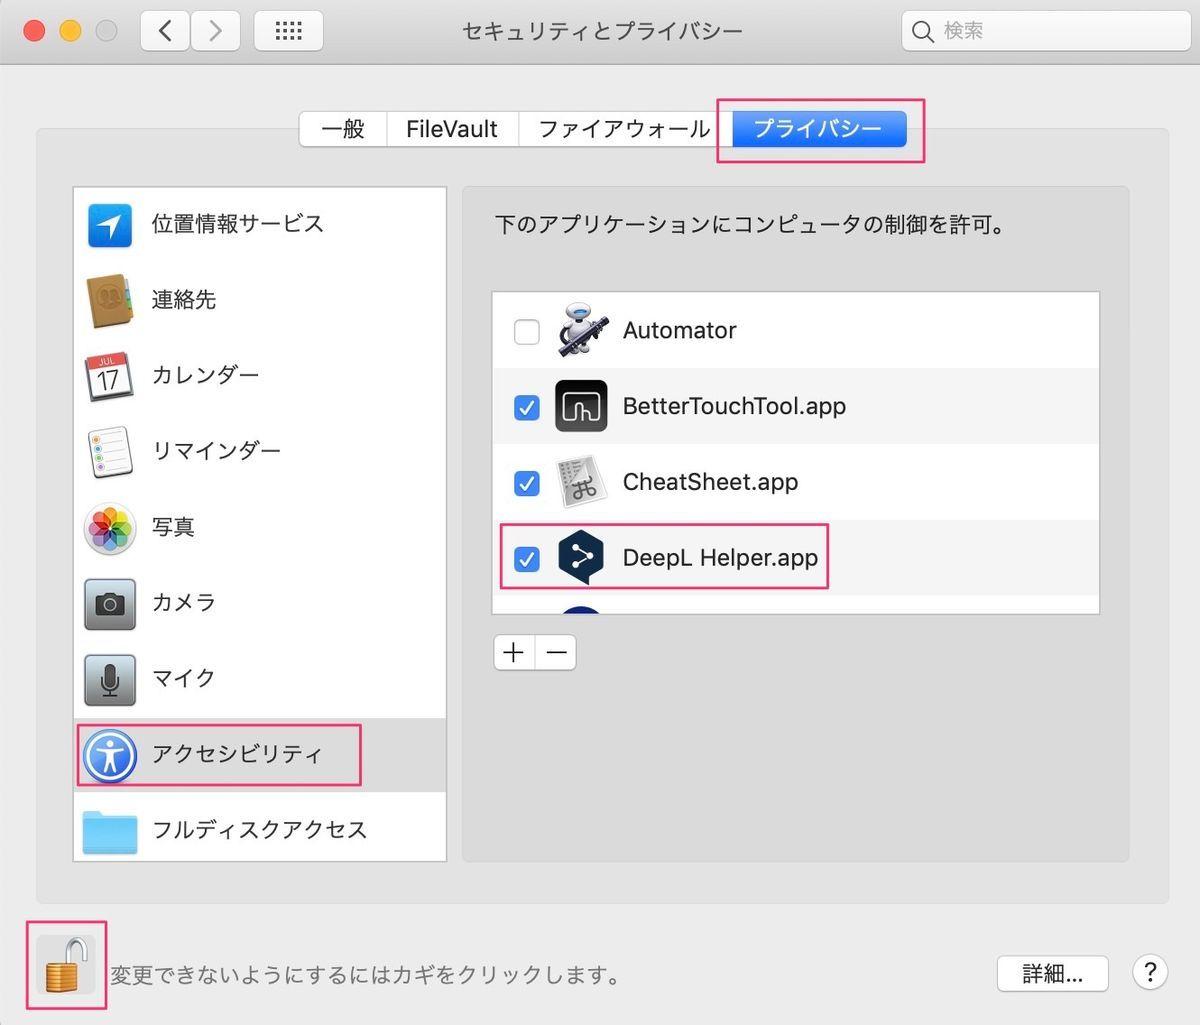 f:id:kan_kikuchi:20200324053351j:plain